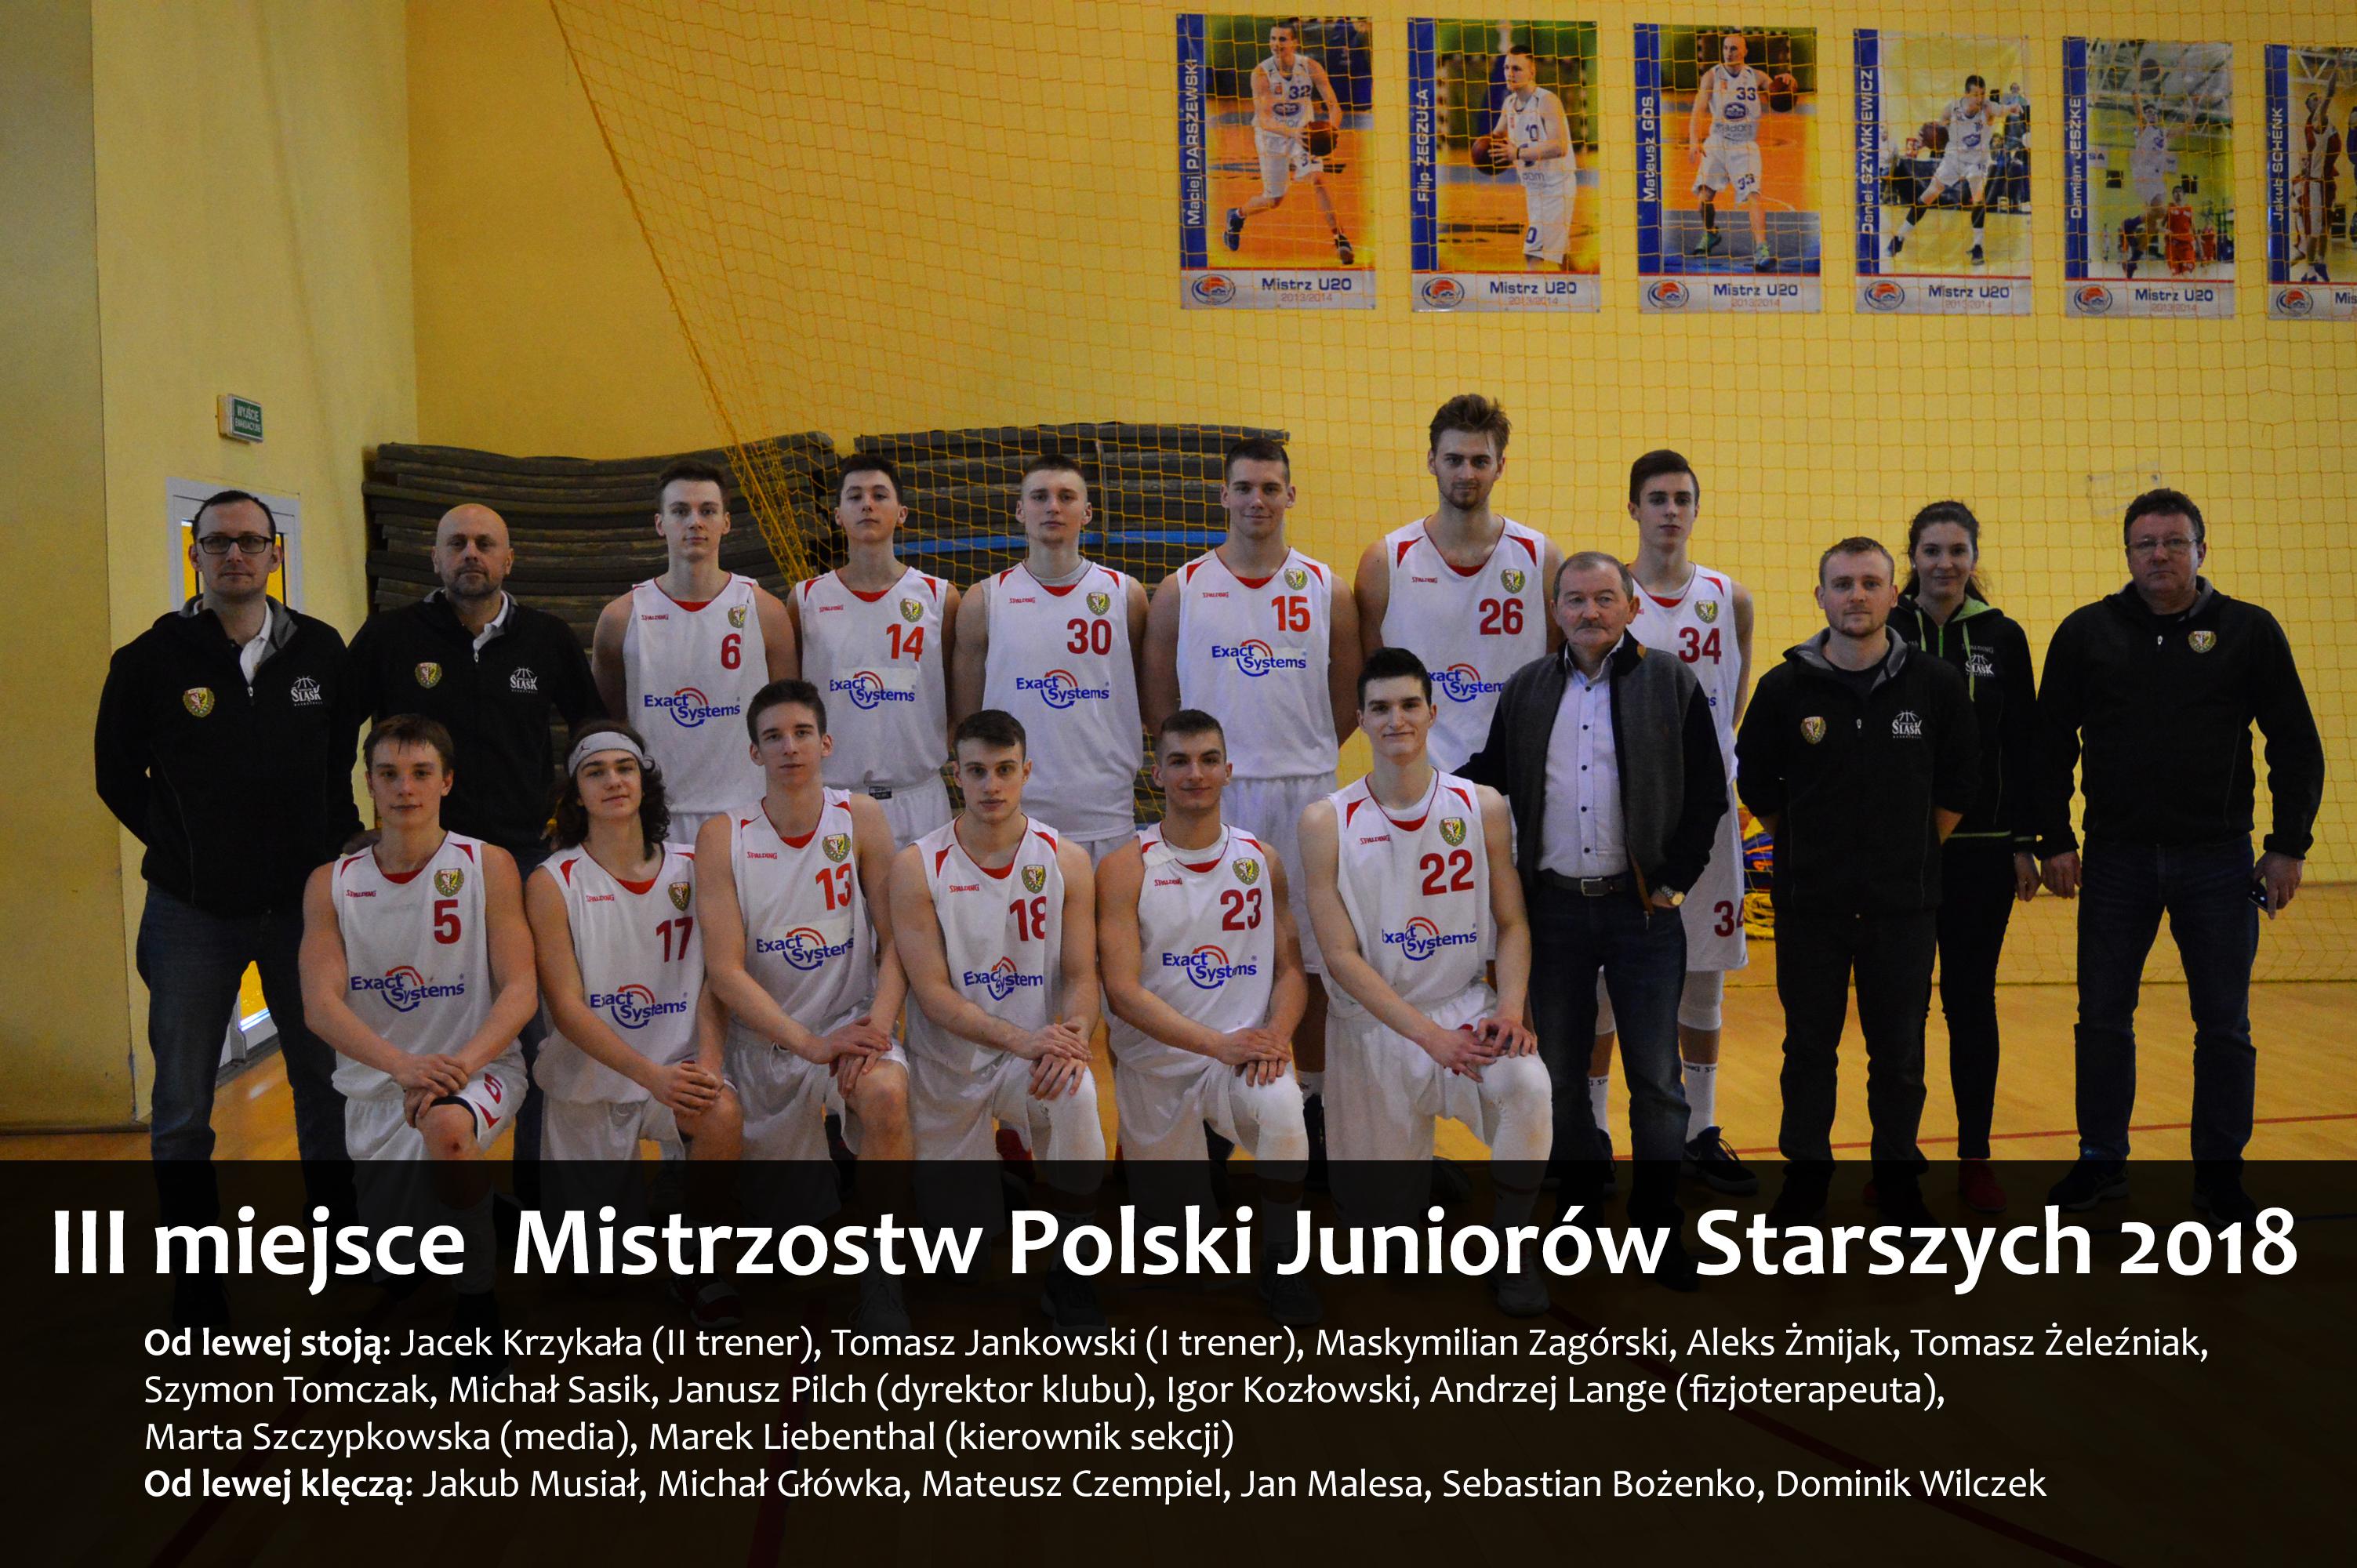 iii-miejsce-mistrzostw-polski-juniorow-starszych